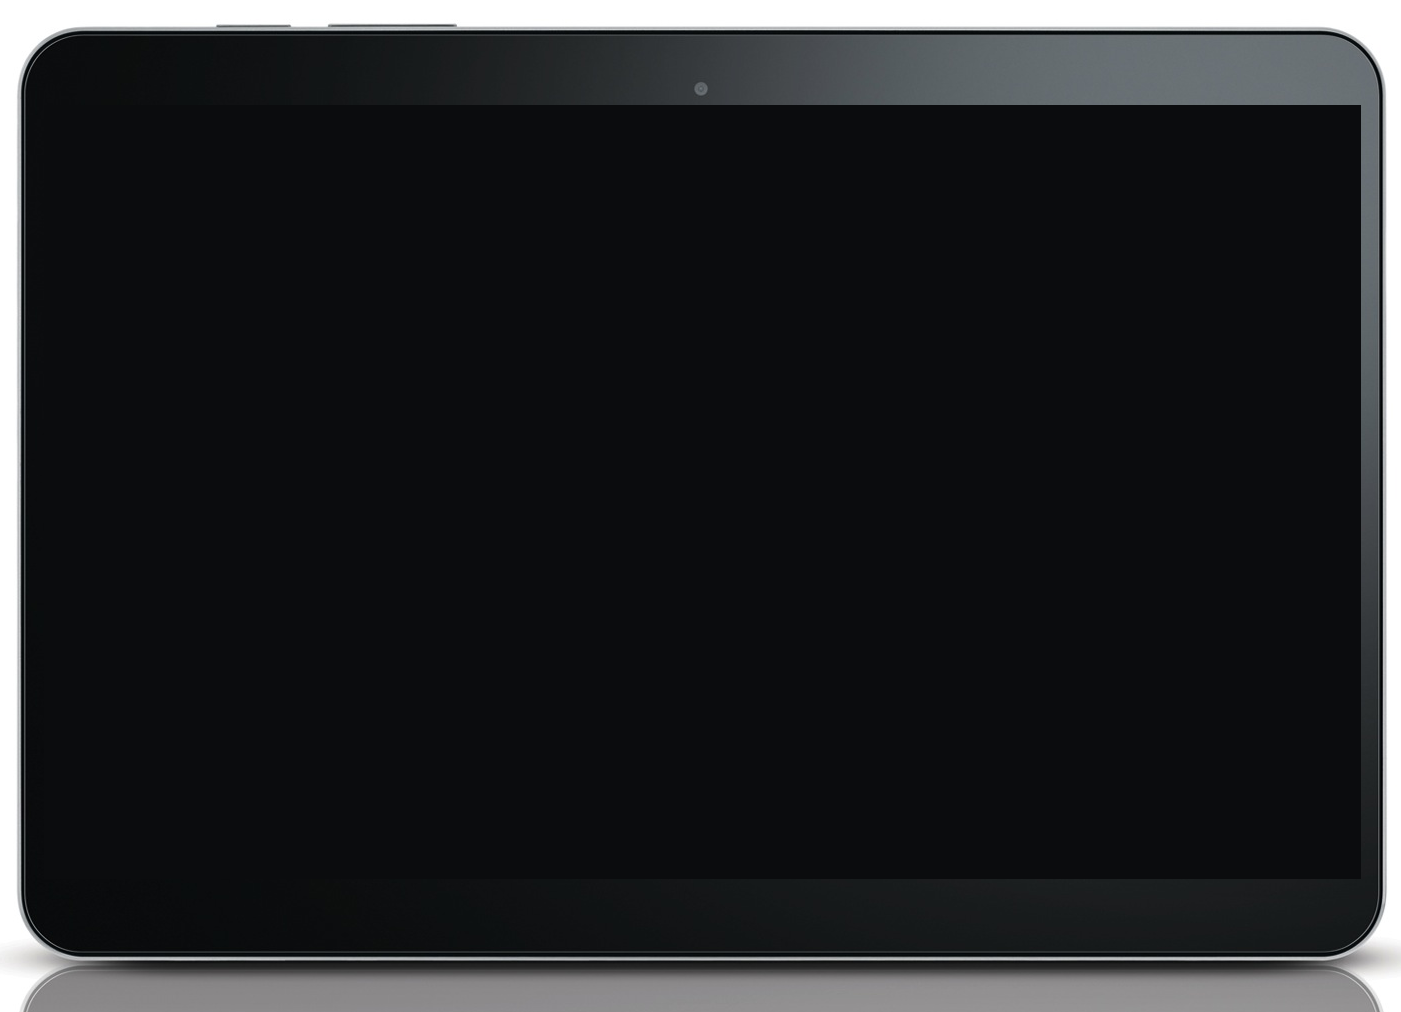 Samsung Galaxy Tab 5: Would Follow The Galaxy Tab S Path